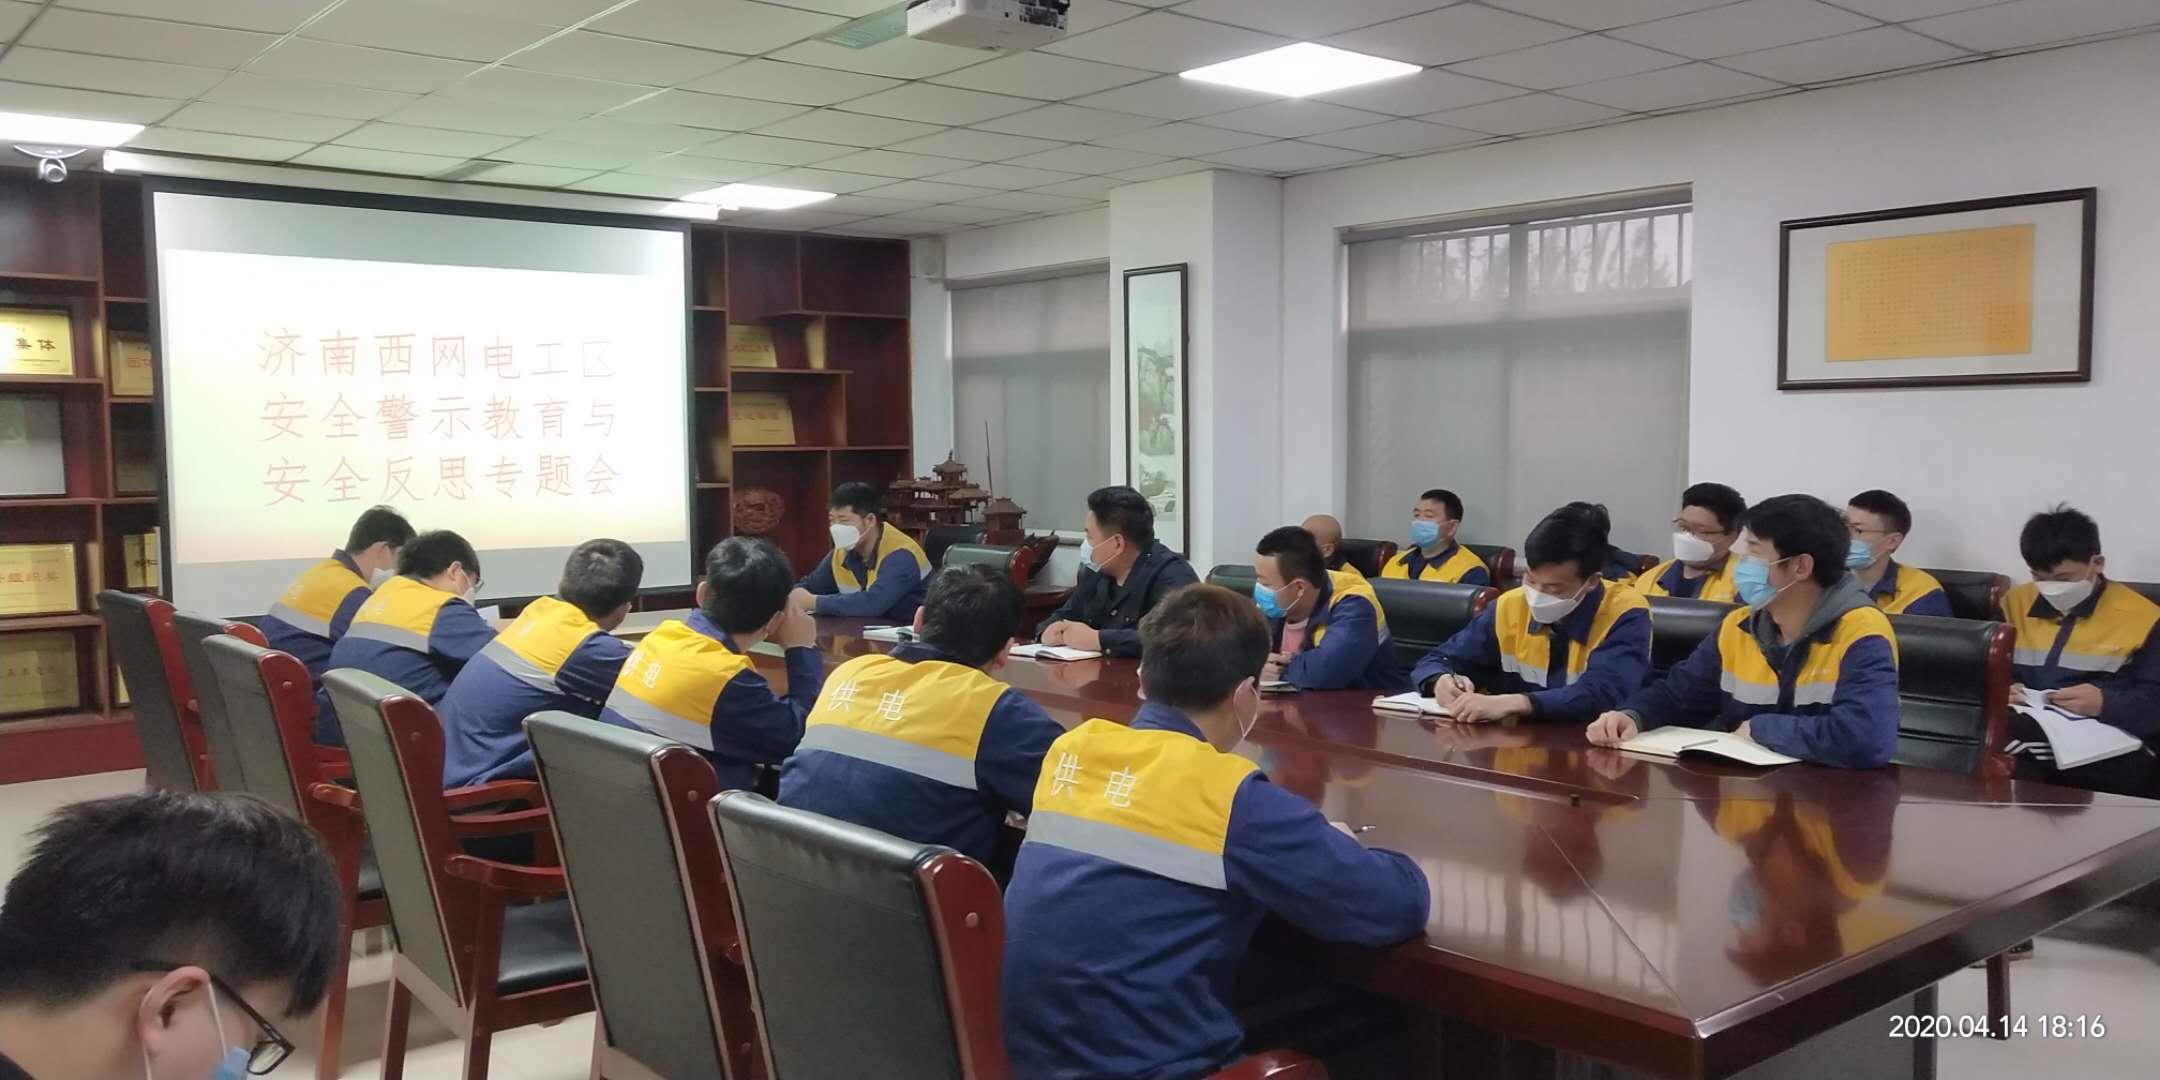 京沪高铁济南维管段开展安全生产大检查活动